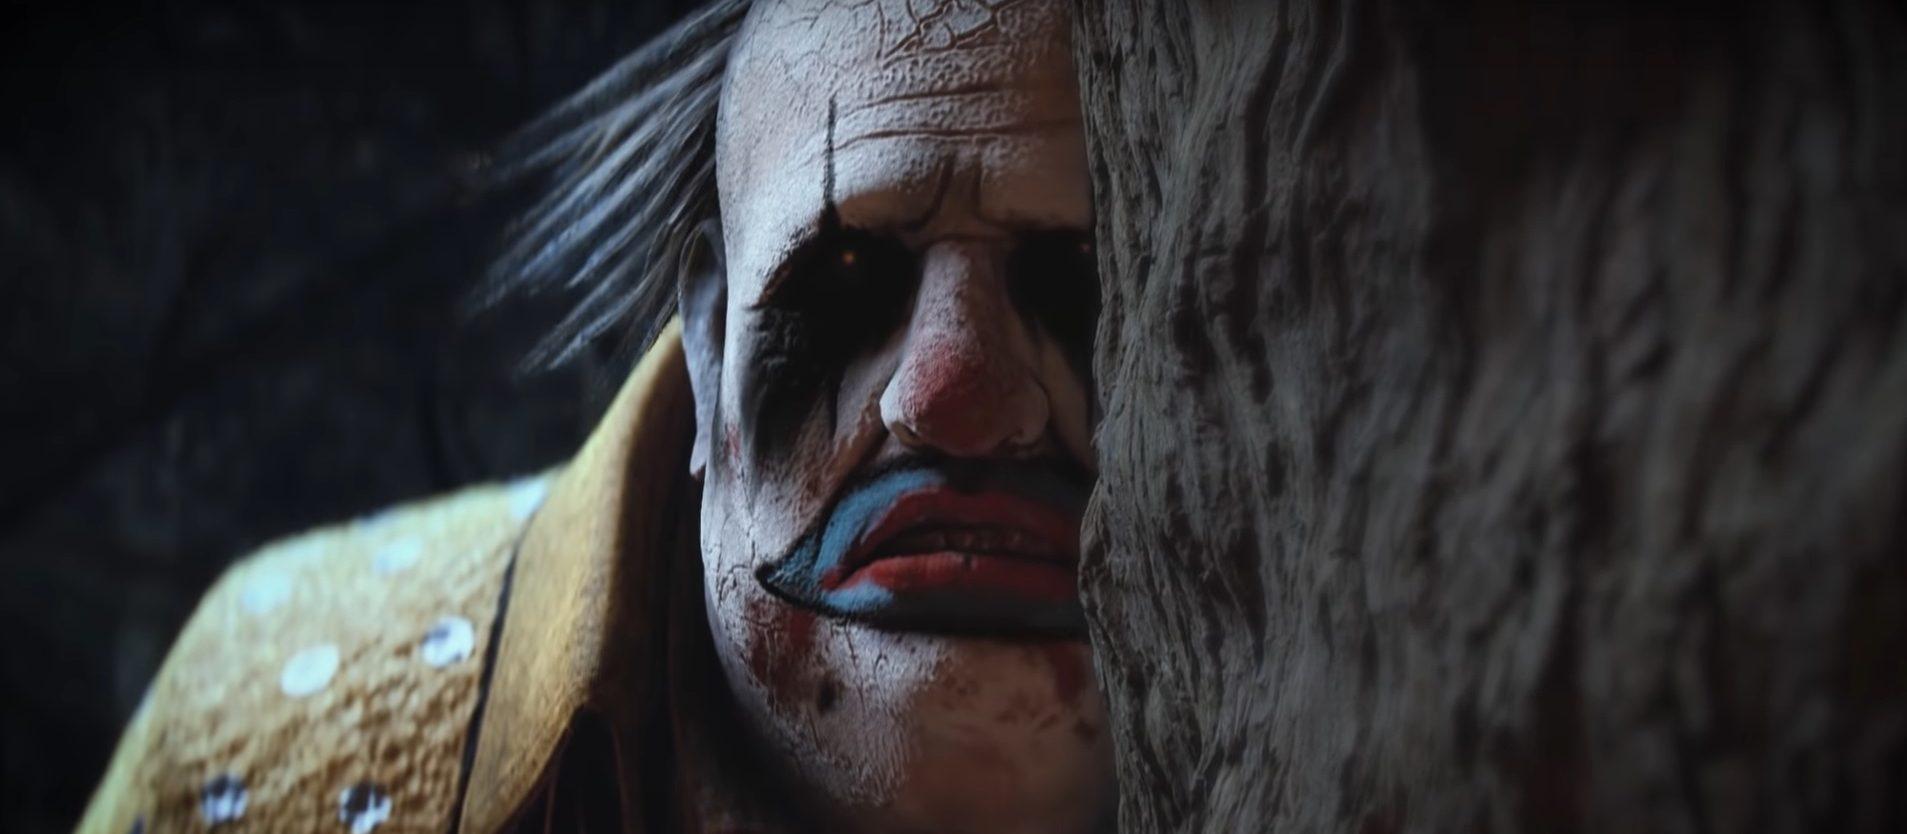 Dead by Daylight Clown so happy